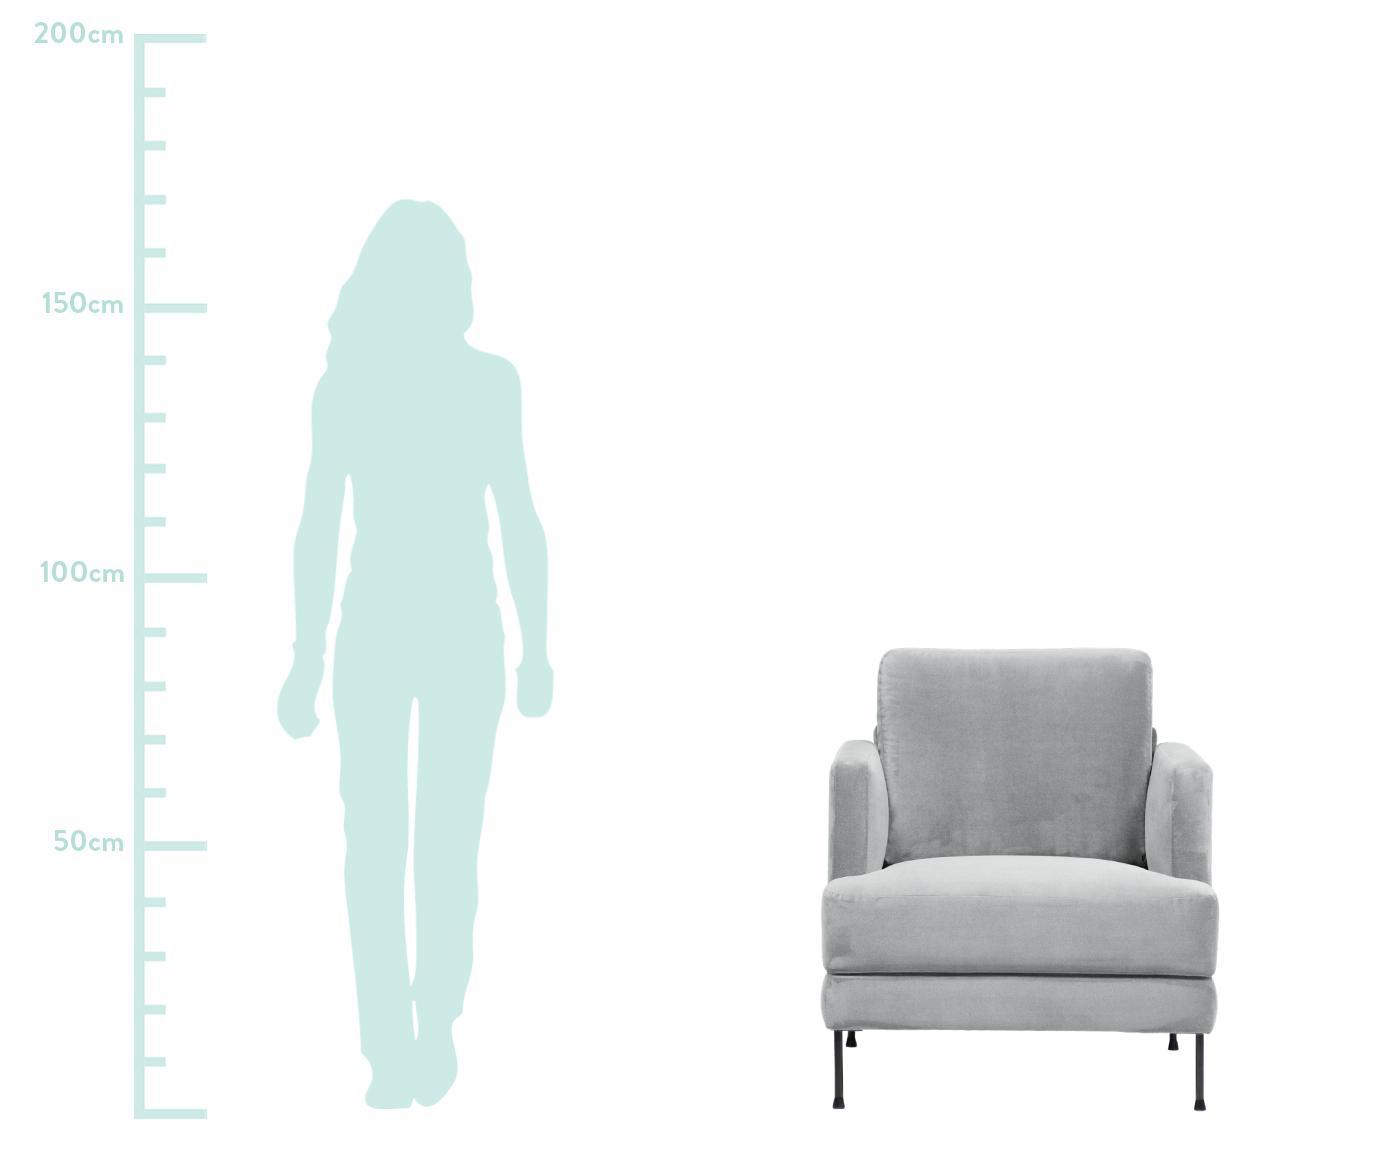 Fotel z aksamitu Fluente, Tapicerka: aksamit (wysokiej jakości, Stelaż: lite drewno sosnowe, Nogi: metal lakierowany, Jasny szary, S 76 x G 83 cm